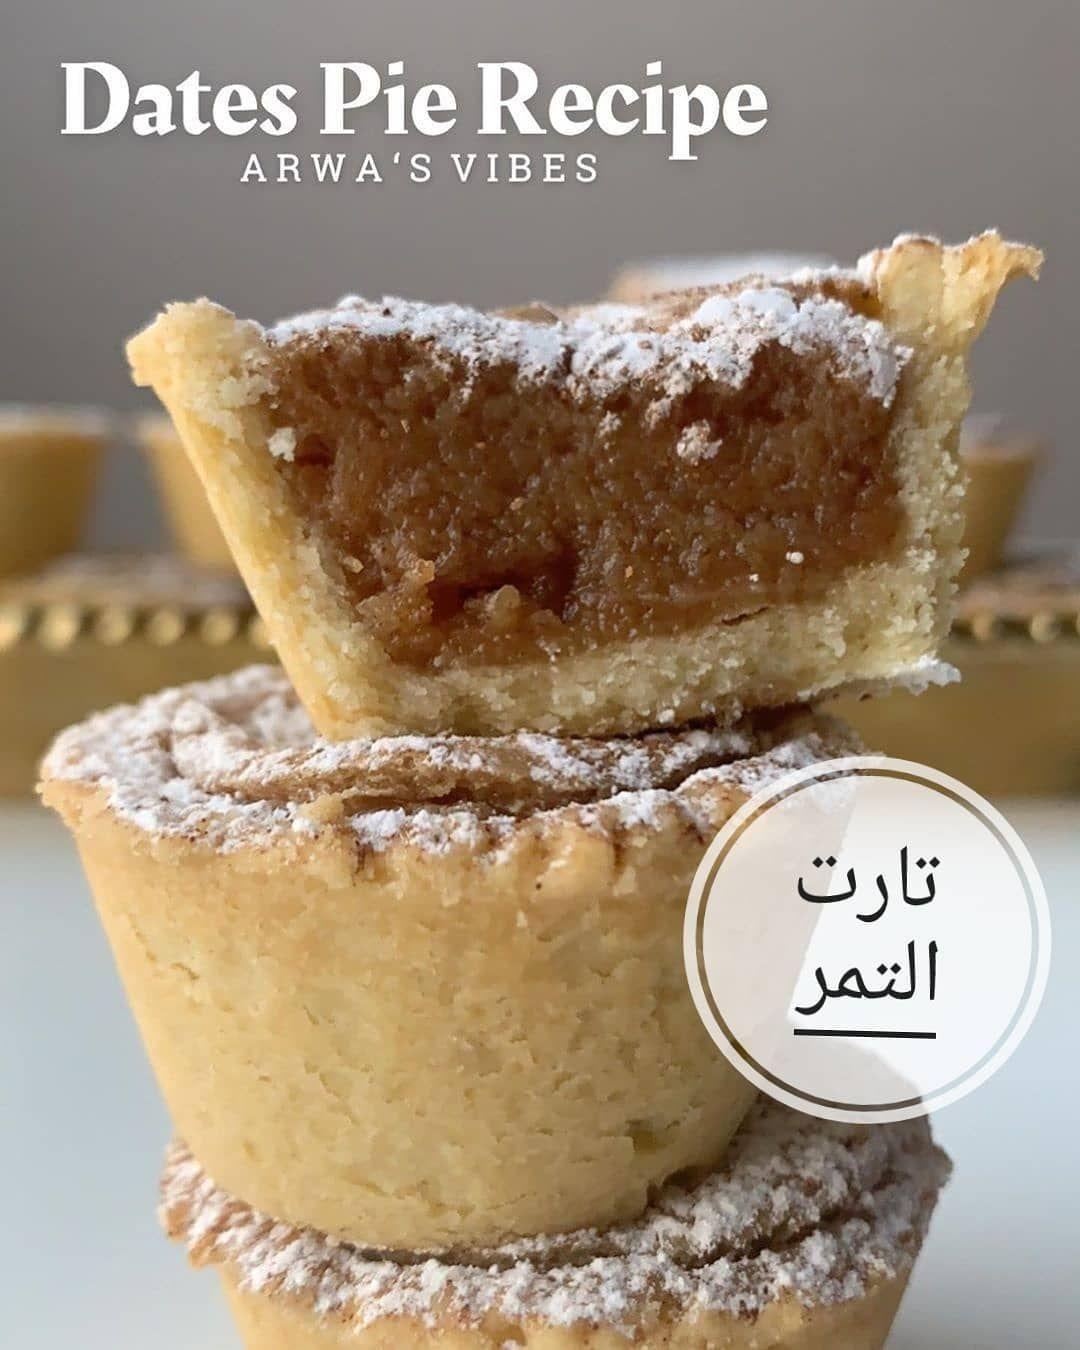 M A L E E N A مالينا Ma Leena Posted On Instagram صباح الخير متابعيني الحلوين جمعة مباركة و طيبة Dessert Recipes Date Pie Recipes Recipes